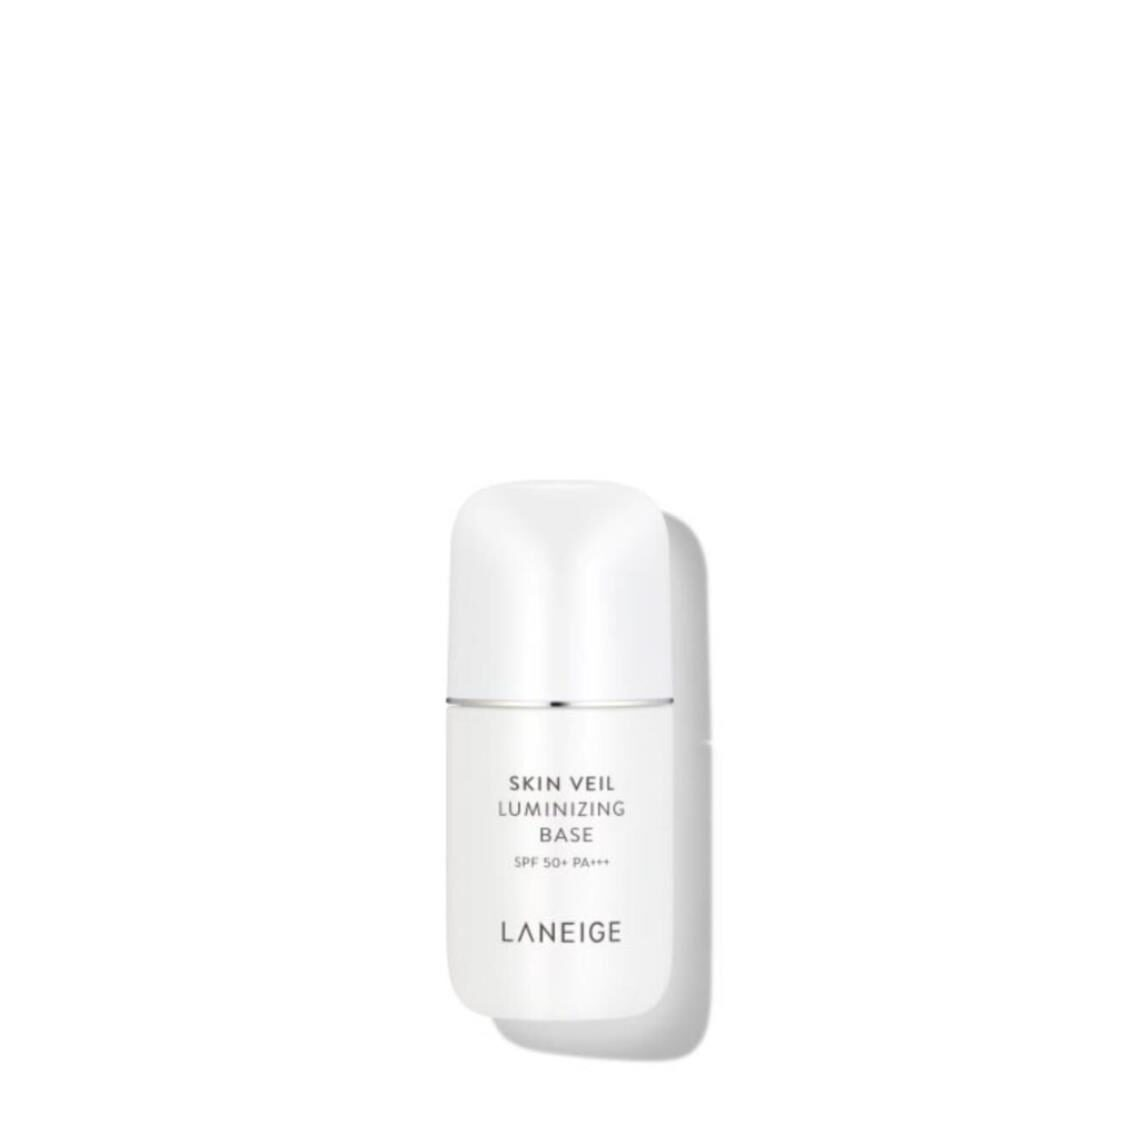 Laneige Skin Veil Luminizing Base 30ml